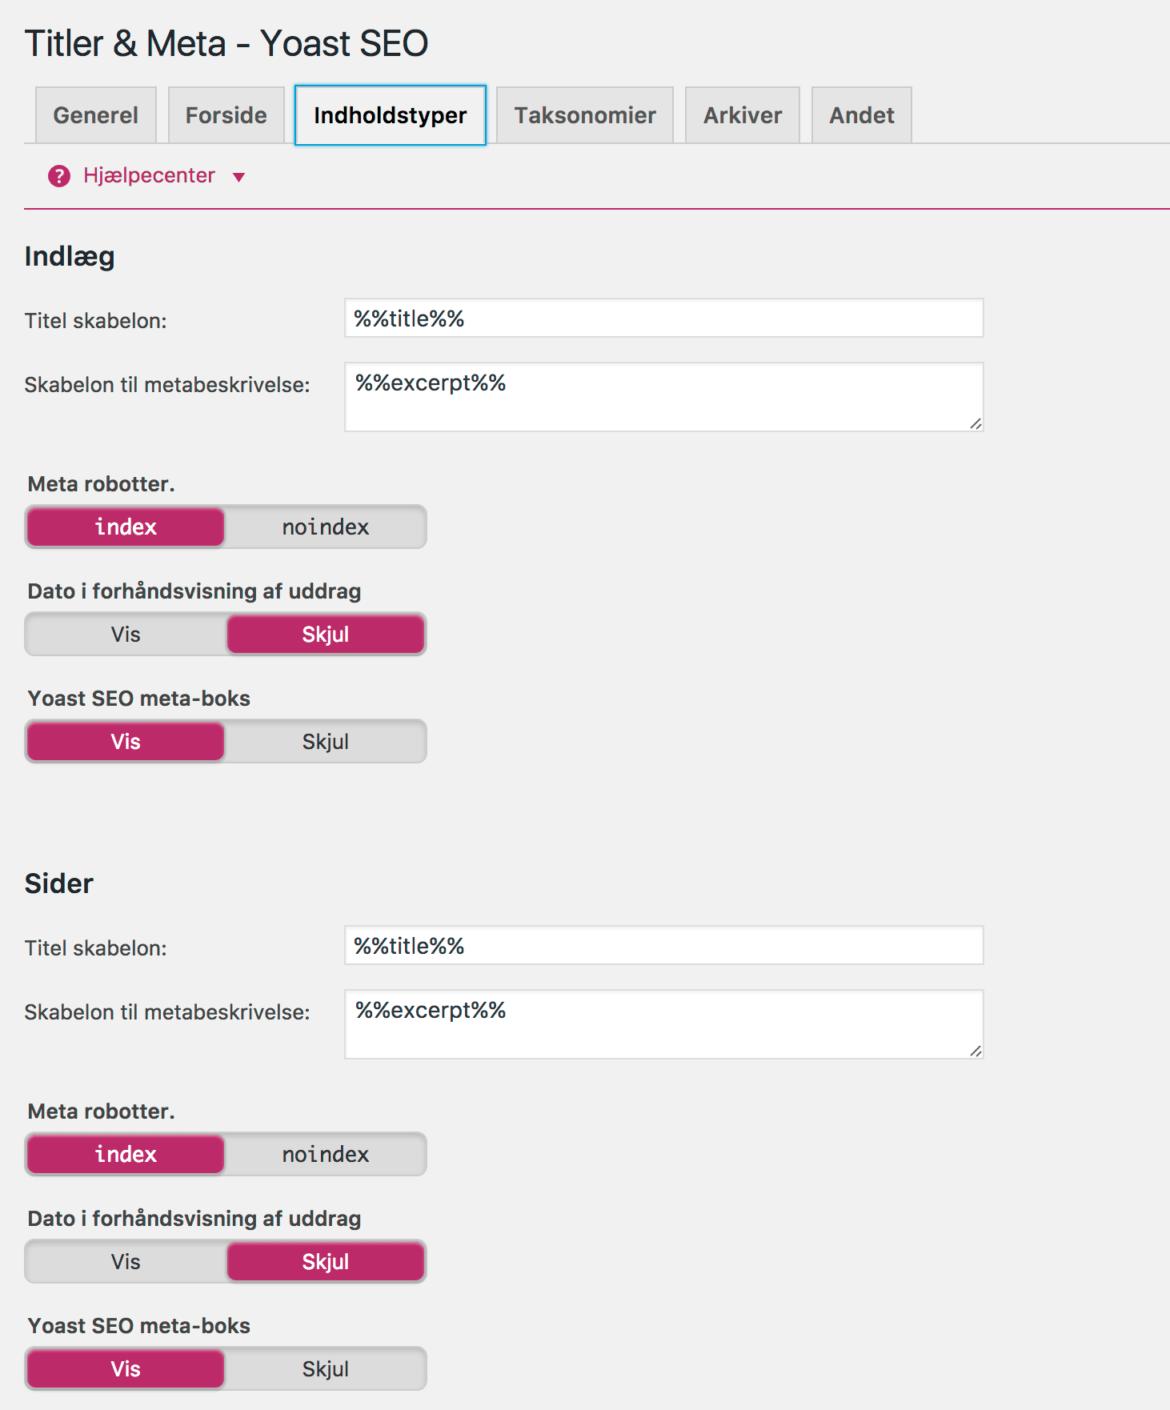 Yoast wordpress plugin SEO - Titler og meta